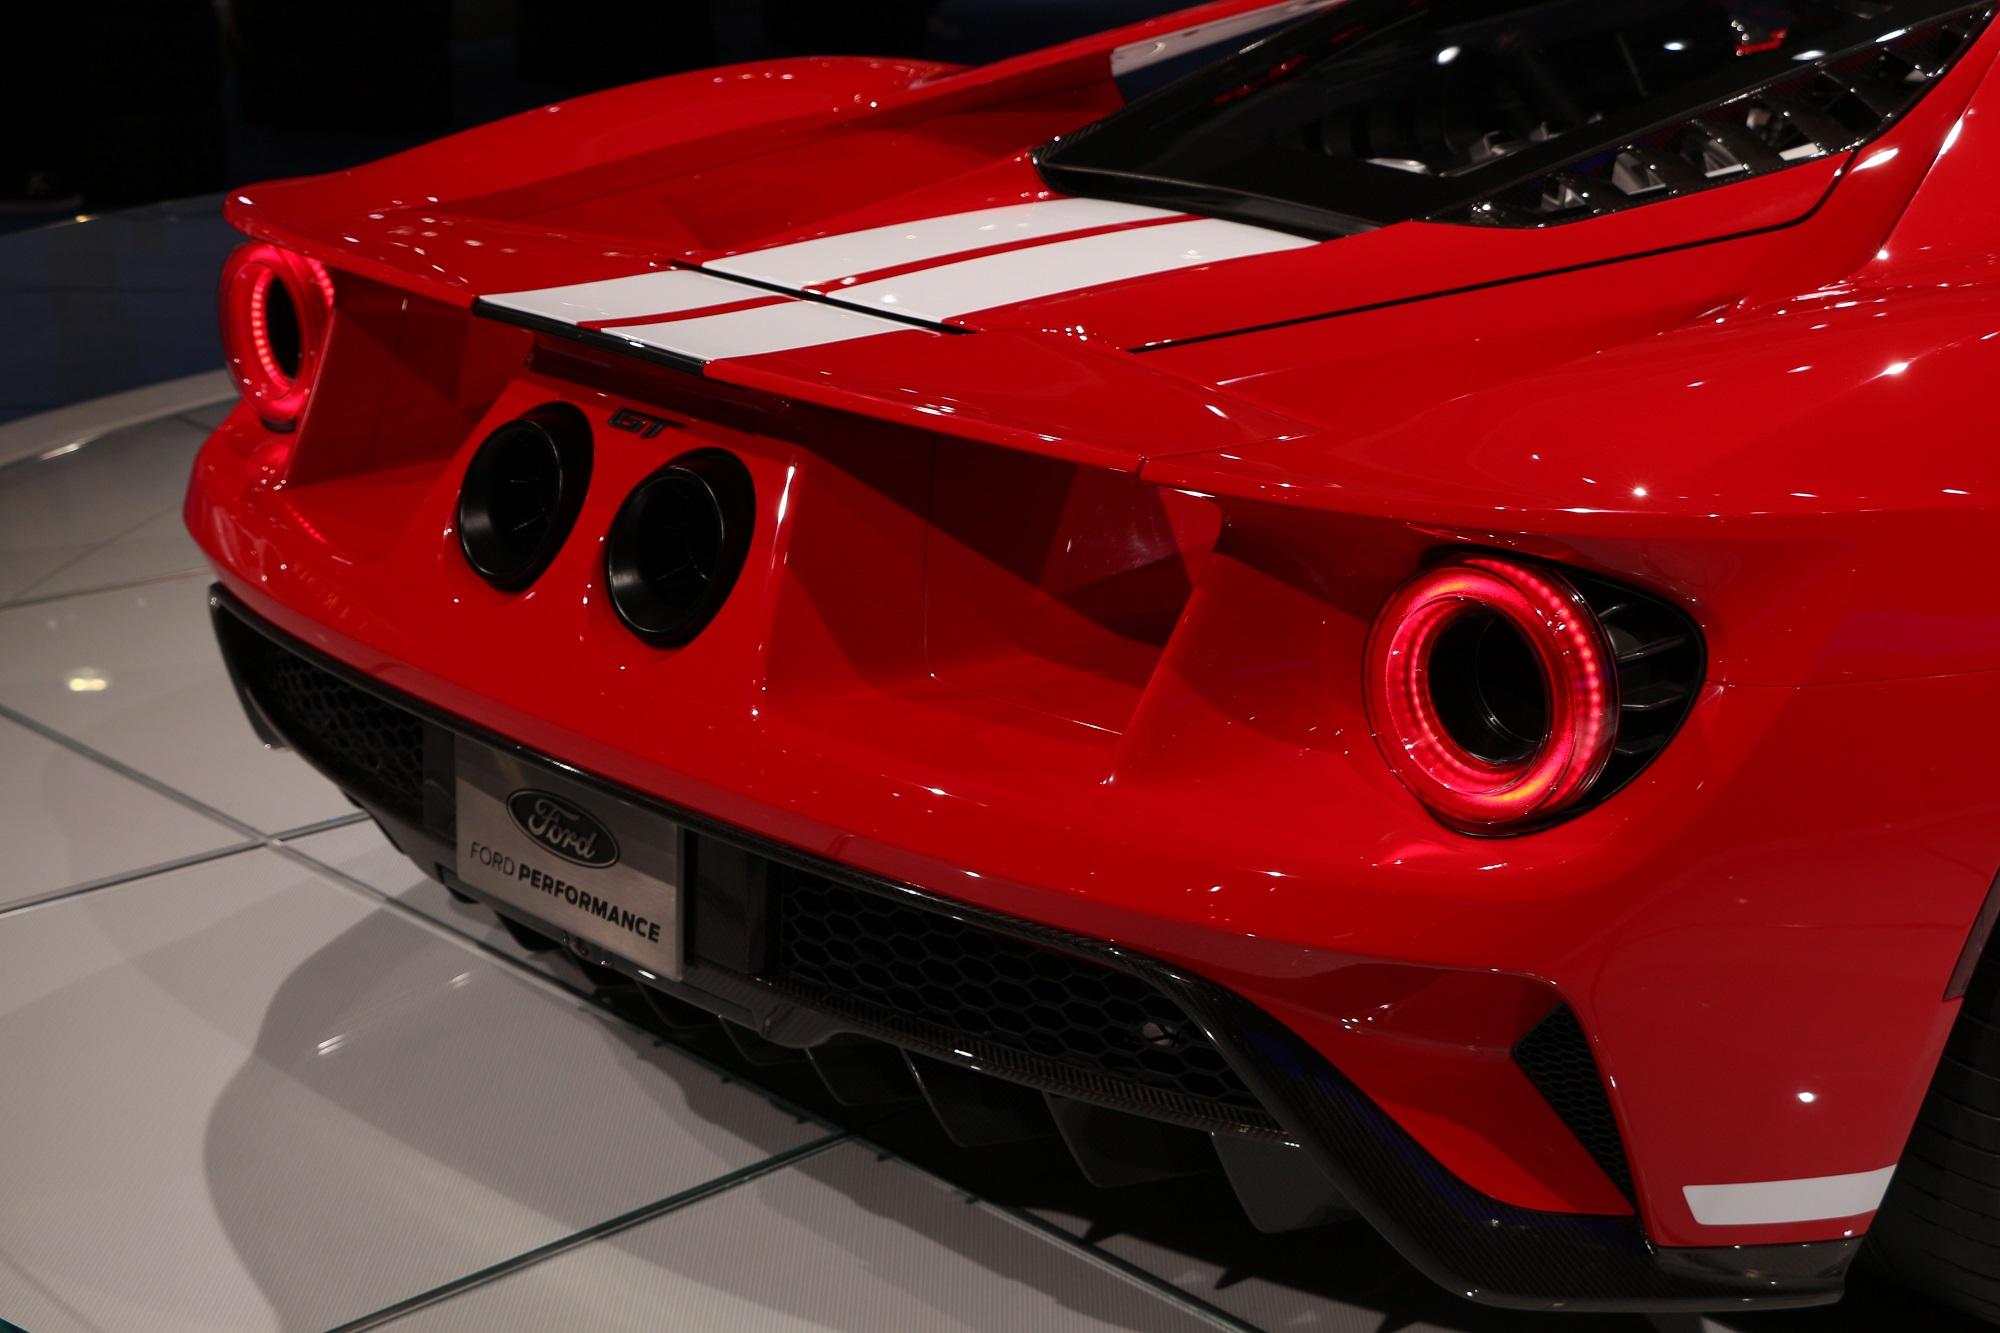 6SpeedOnline.com LA Auto Show L.A. Los Angeles Ford GT photoshoot details